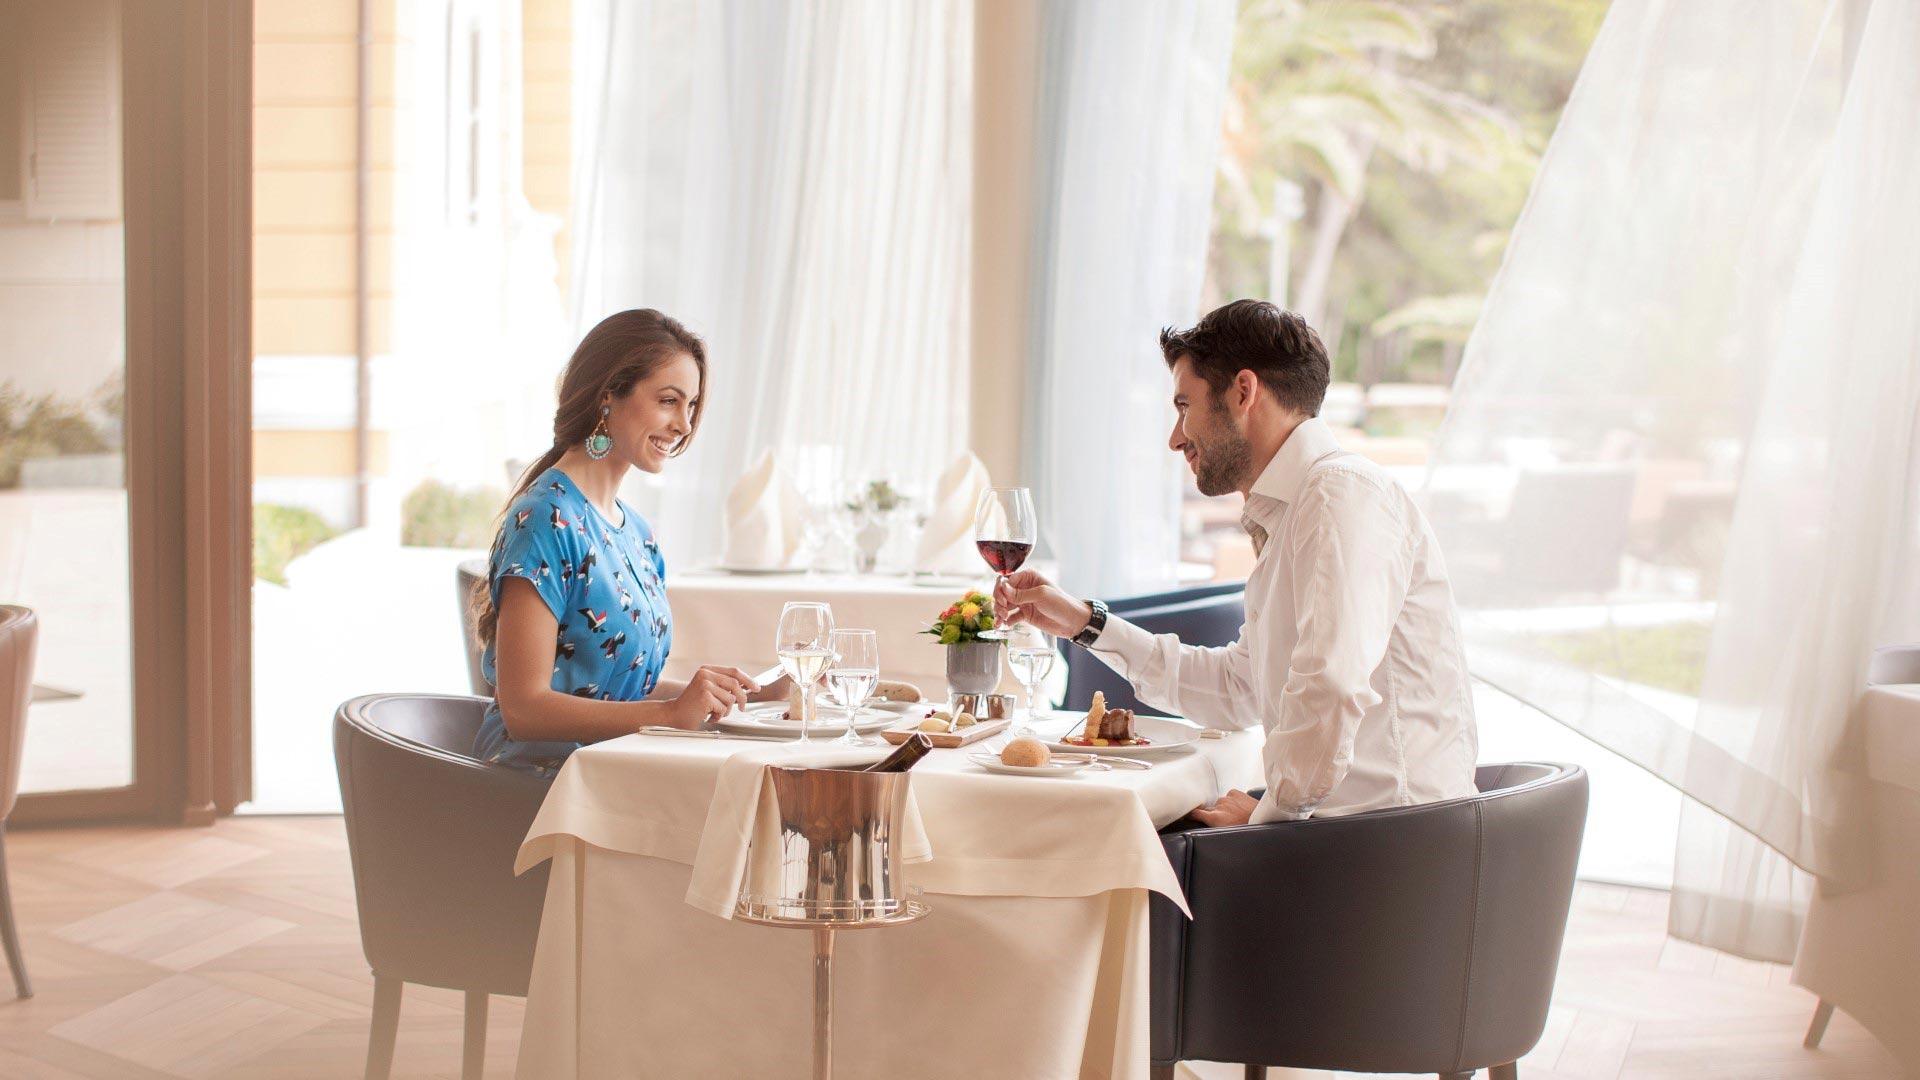 Lifestyle fotografija - u restoranu